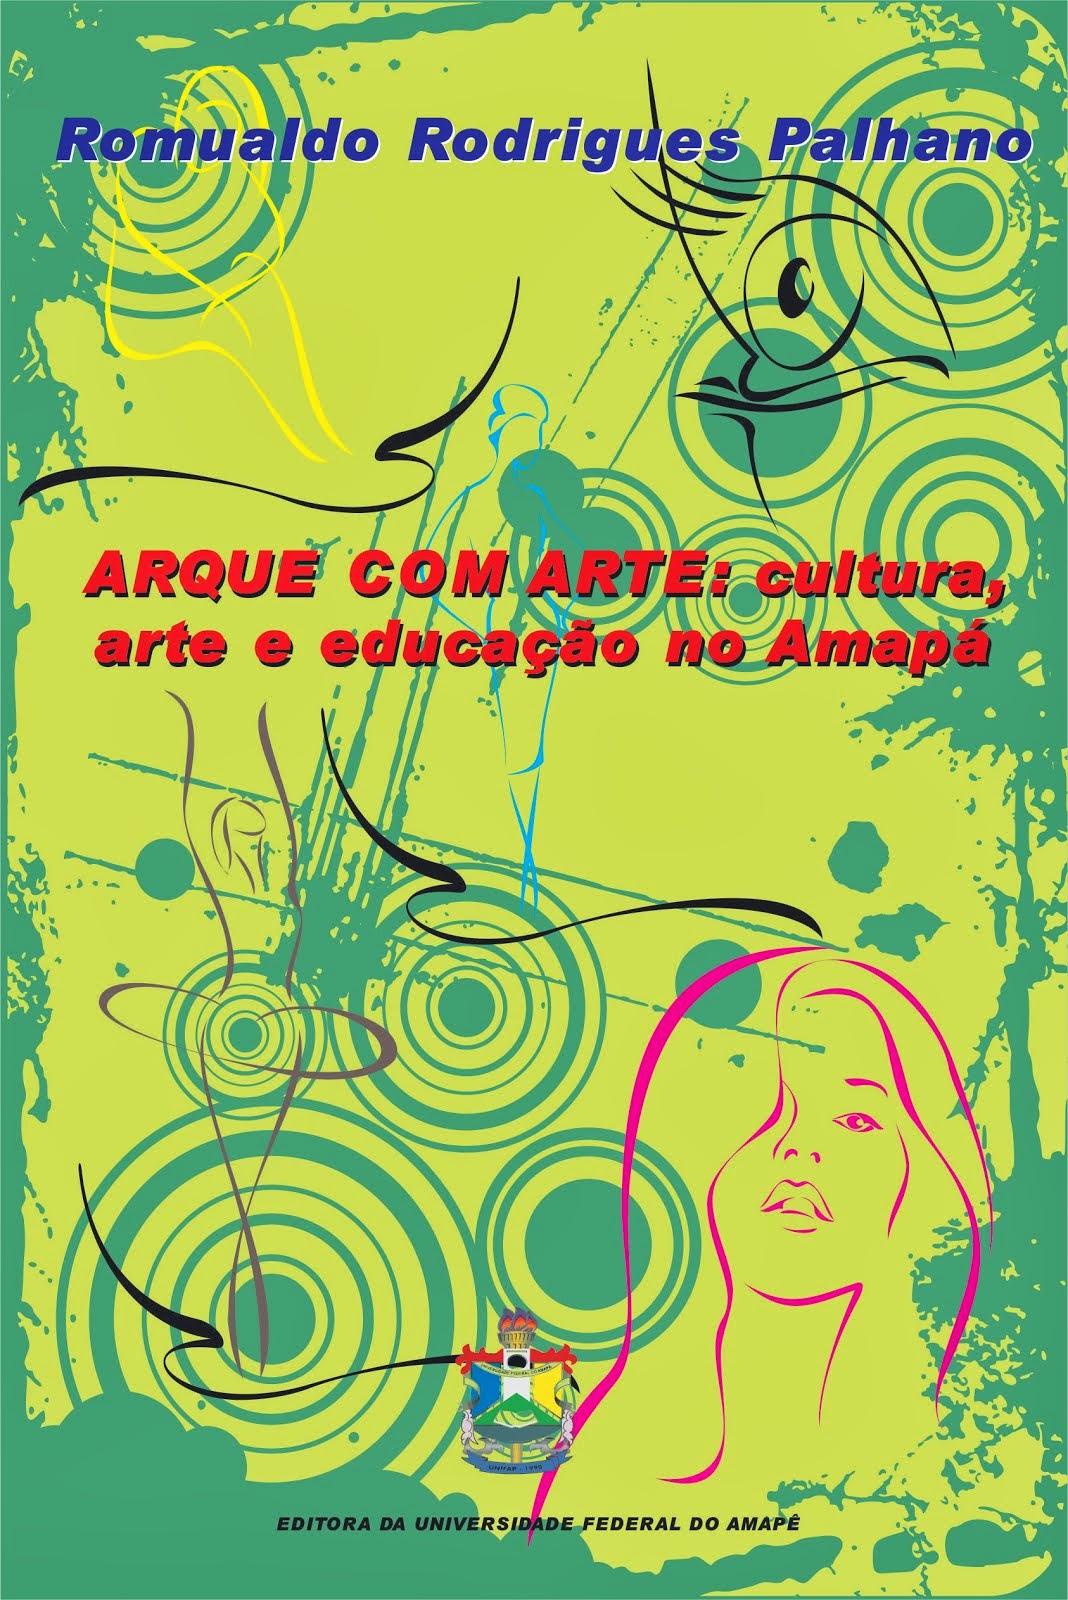 ARQUE COM ARTE: cultura, arte e educação no Amapá